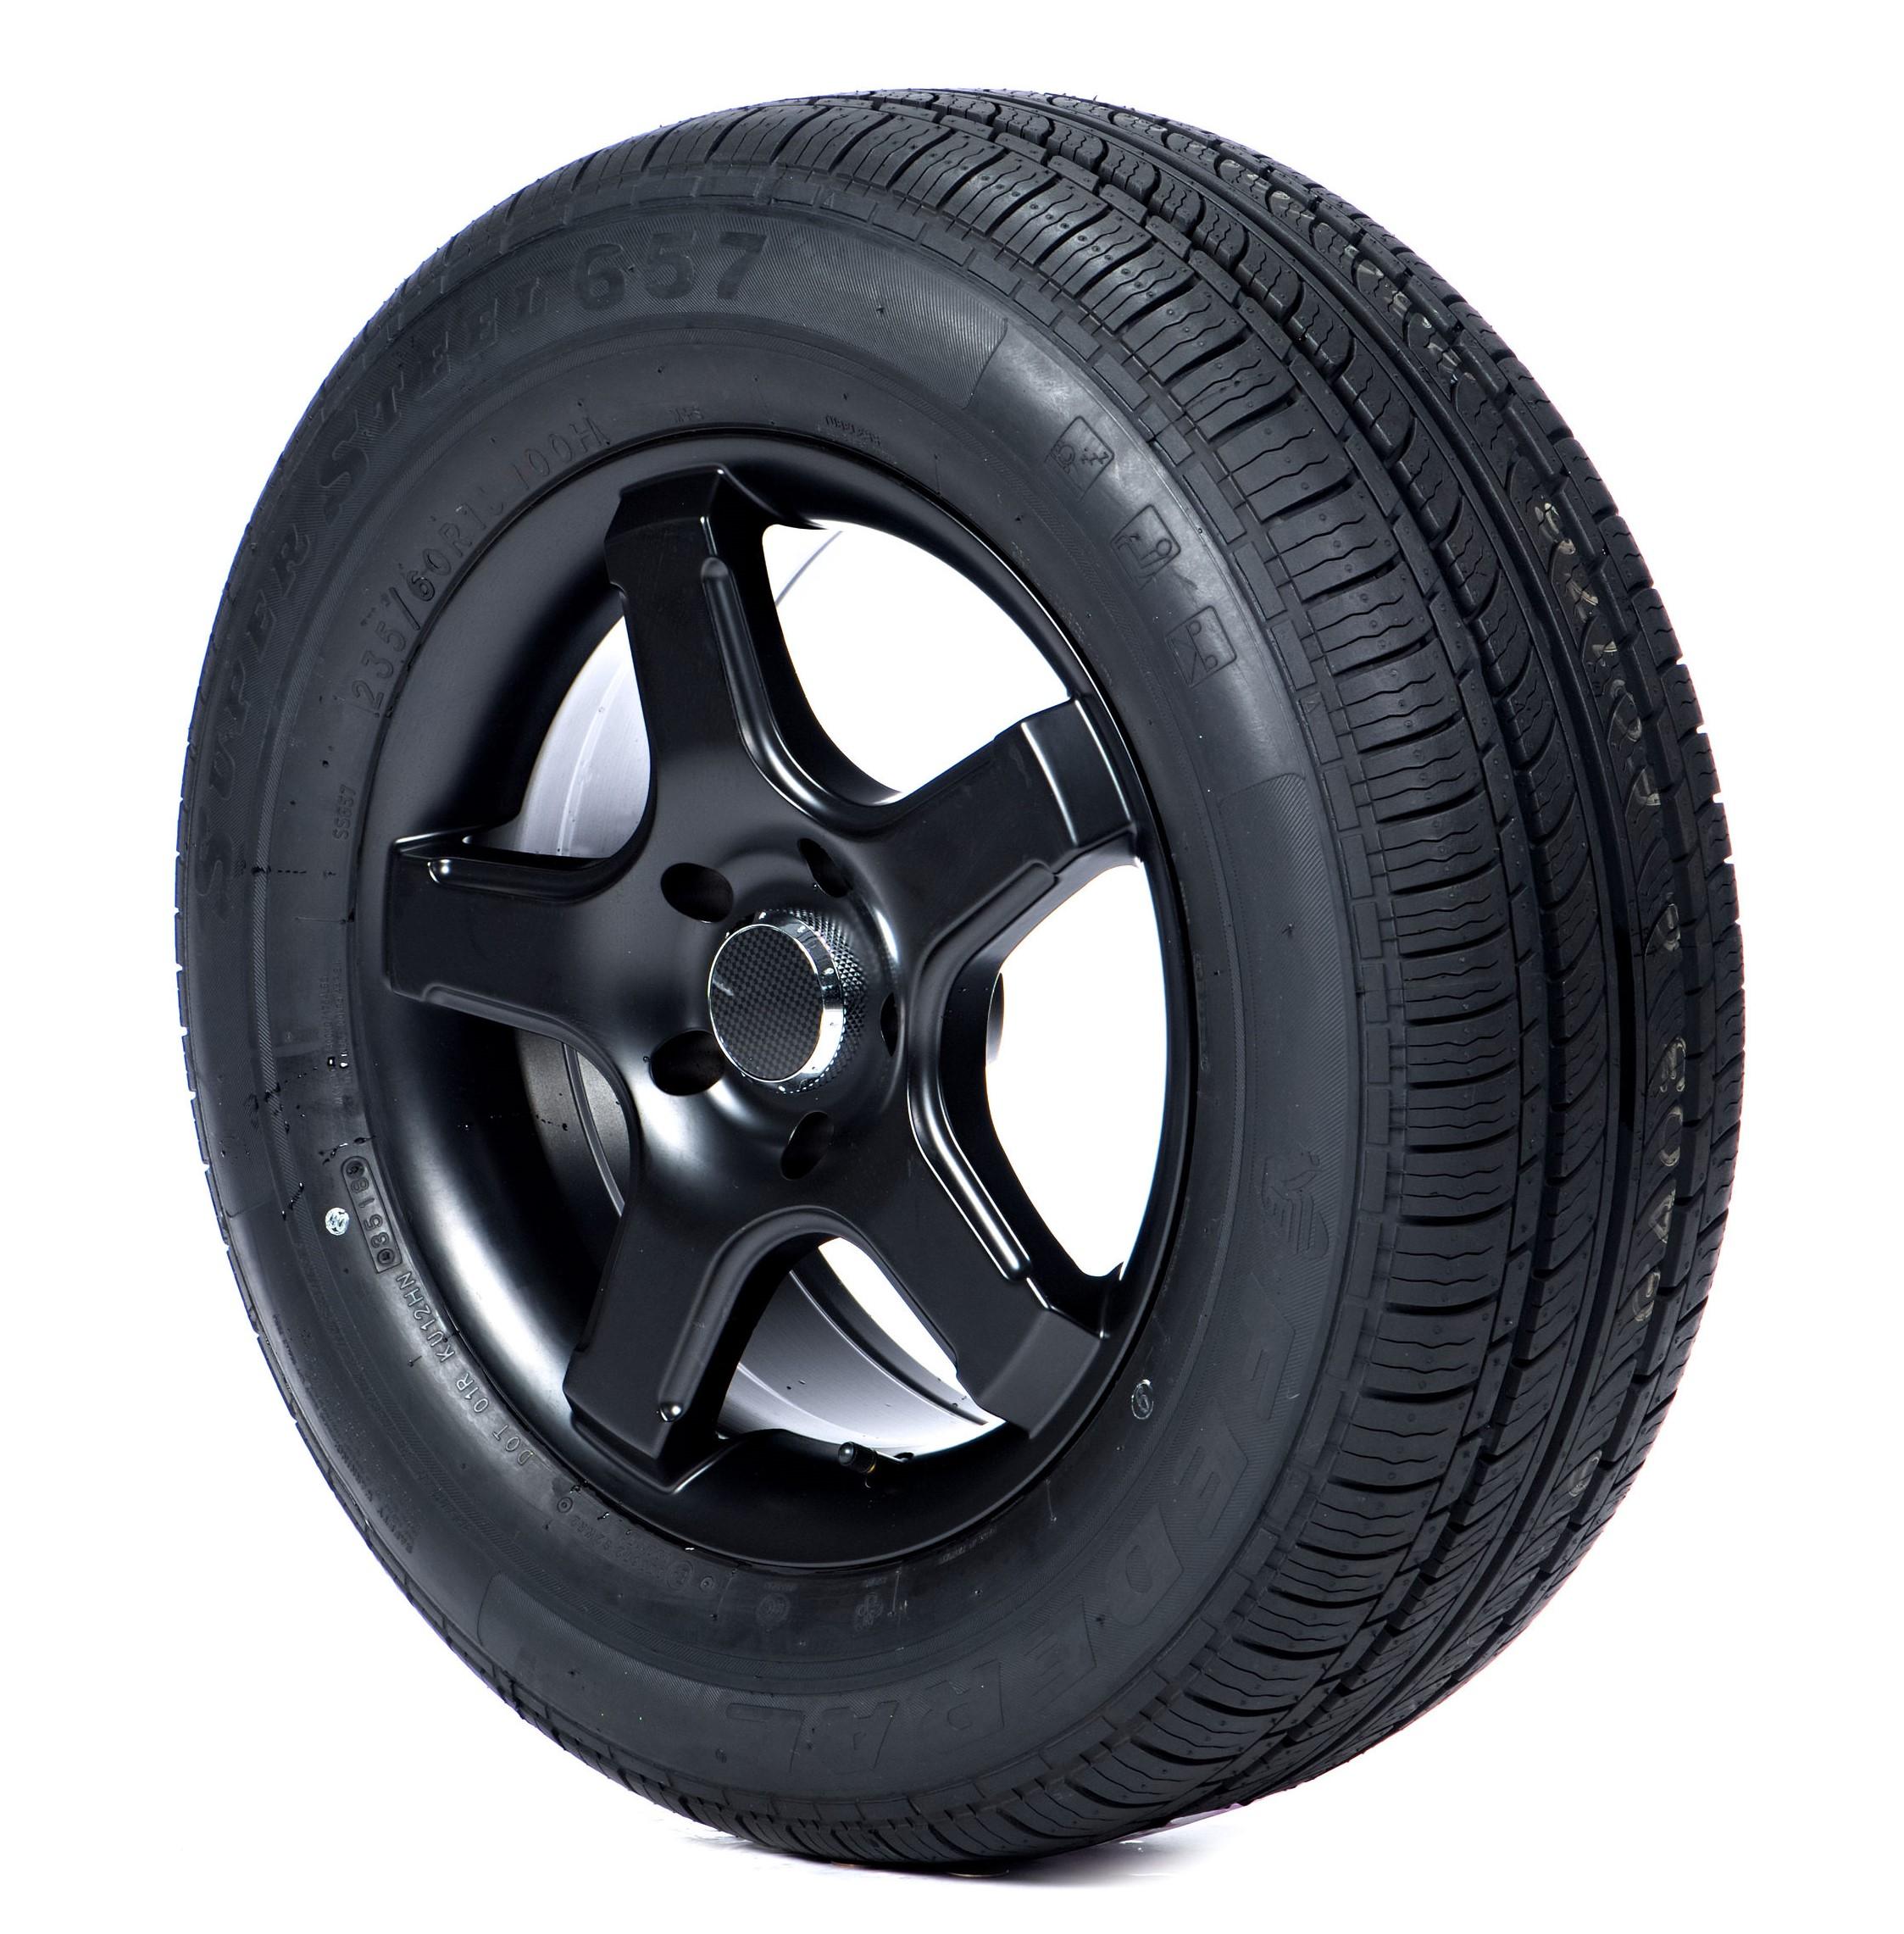 Federal SS-657 All-Season Tire - 225/60R16 98H